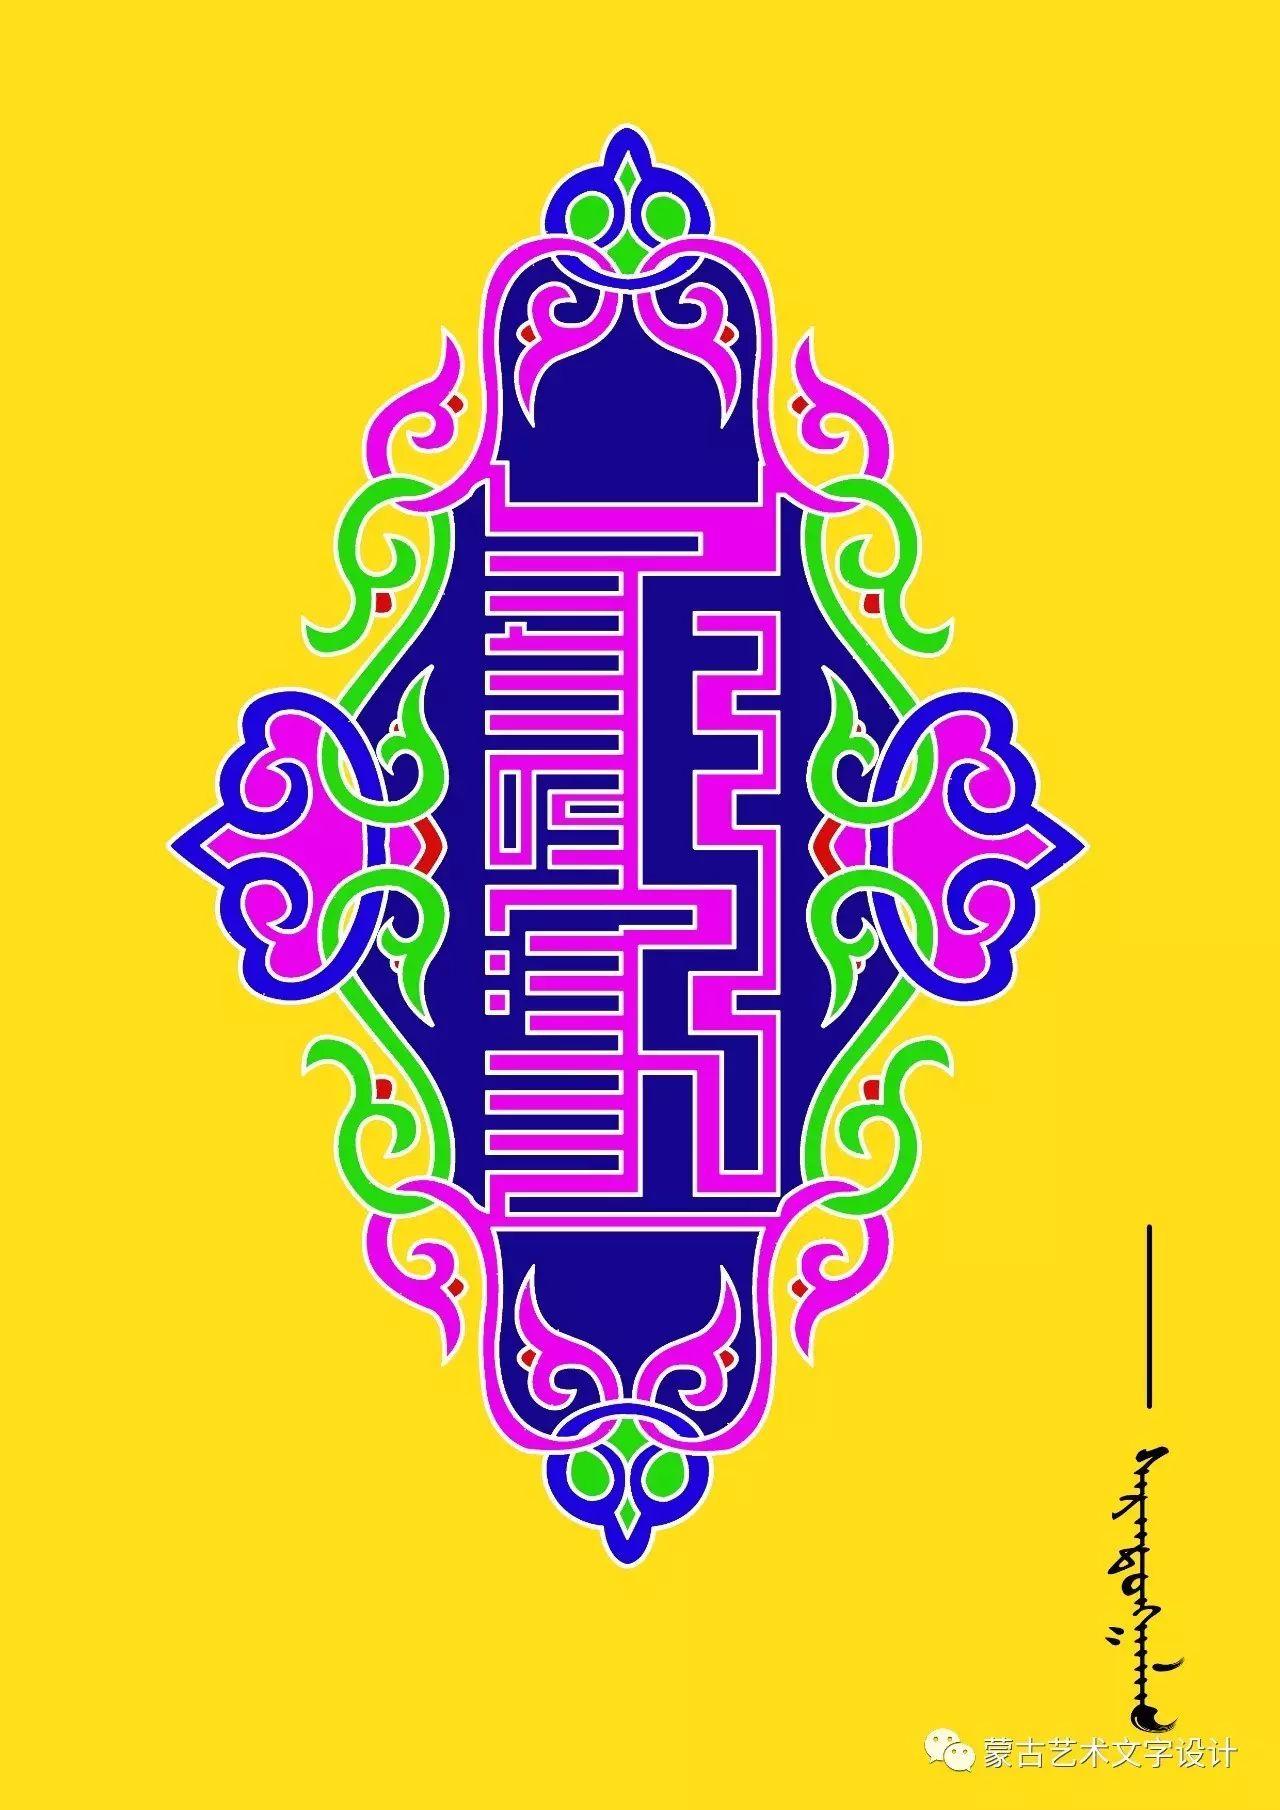 蒙古艺术文字设计 第5张